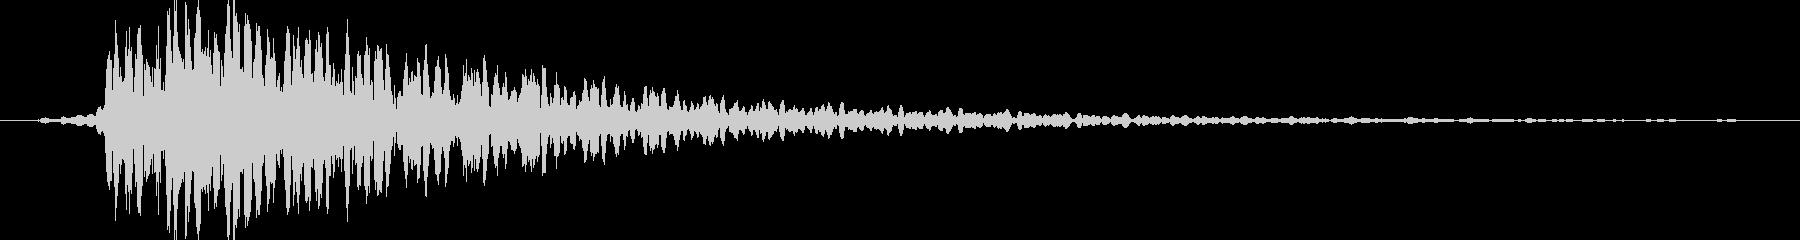 攻撃キャンセル音の未再生の波形